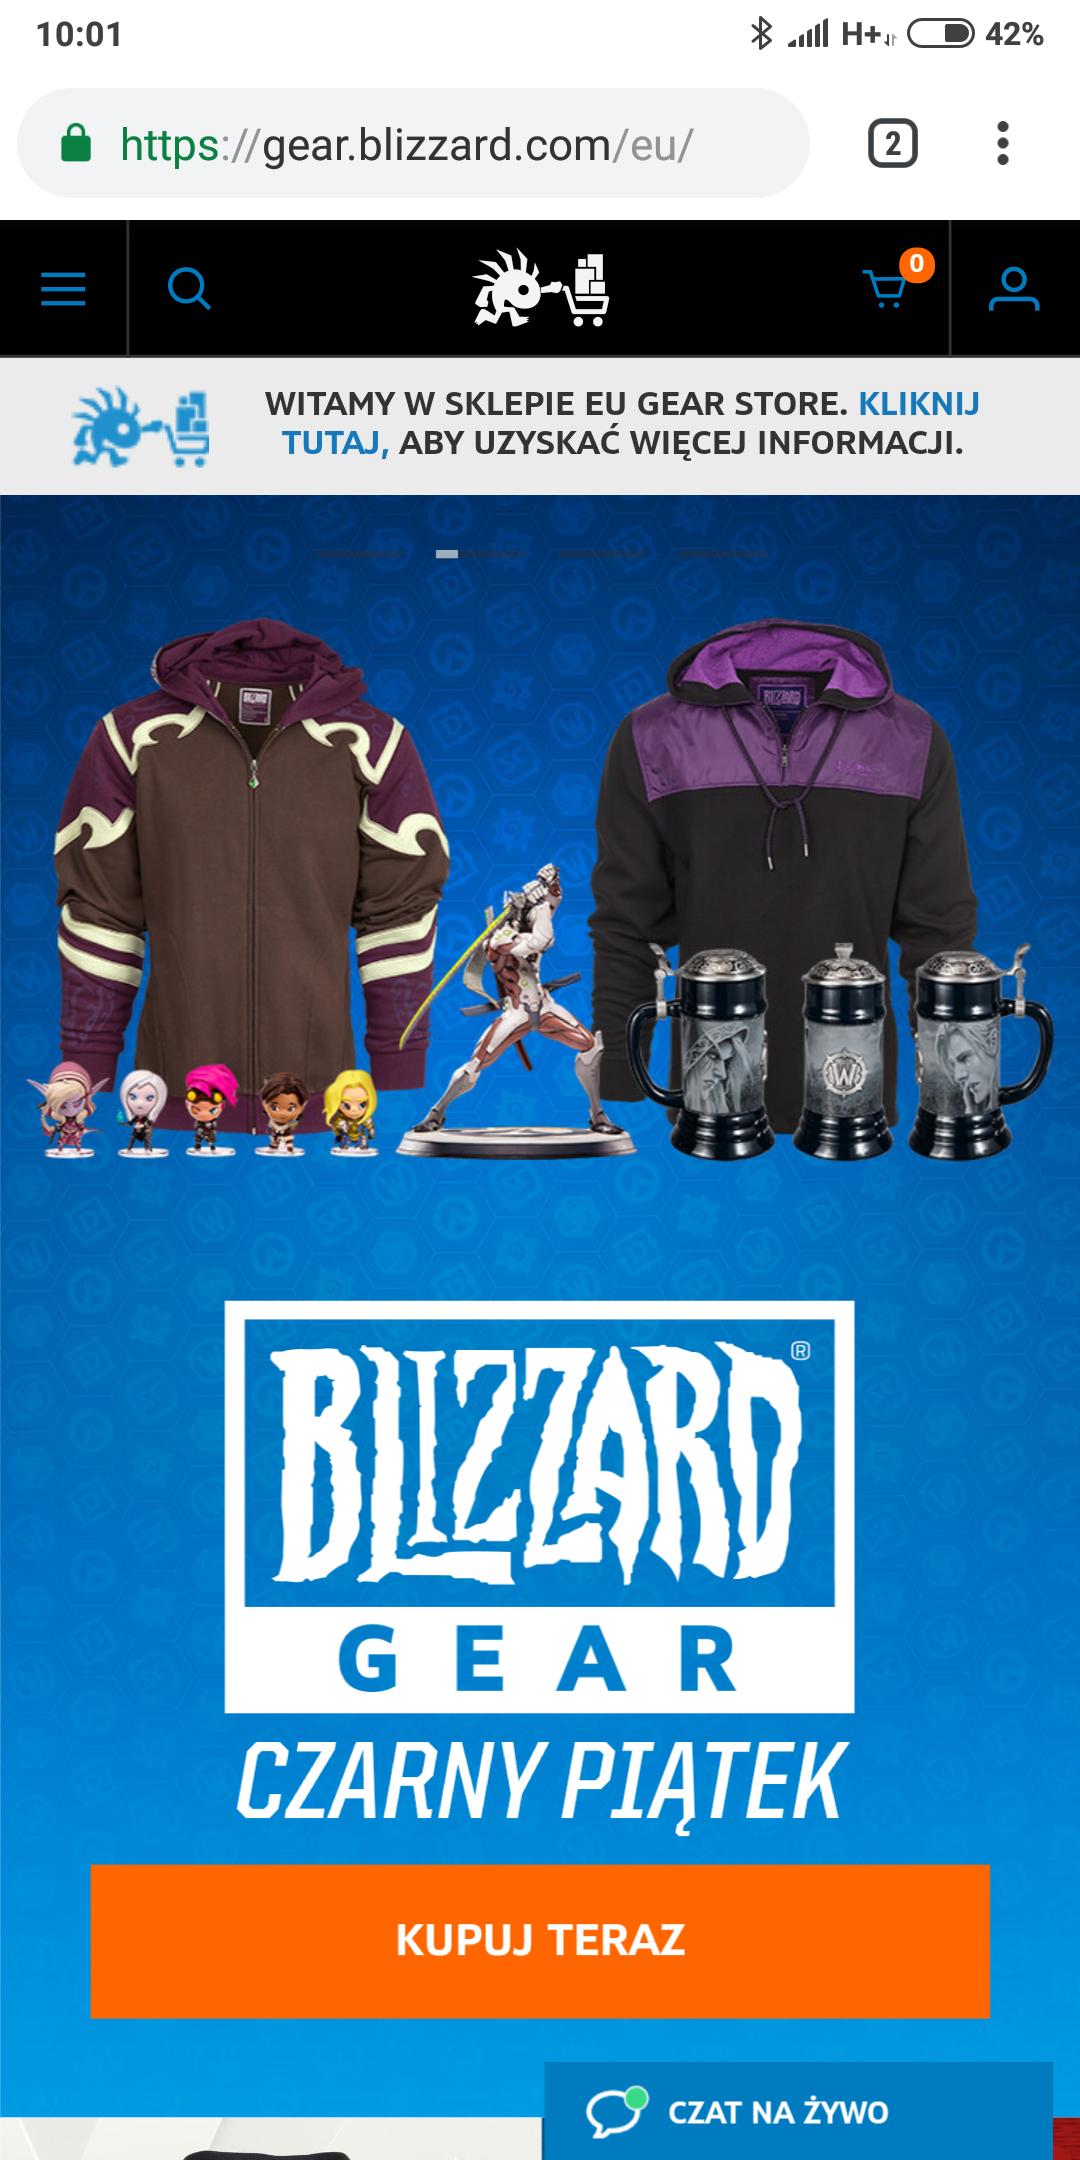 Czarny Piątek już w Blizzard